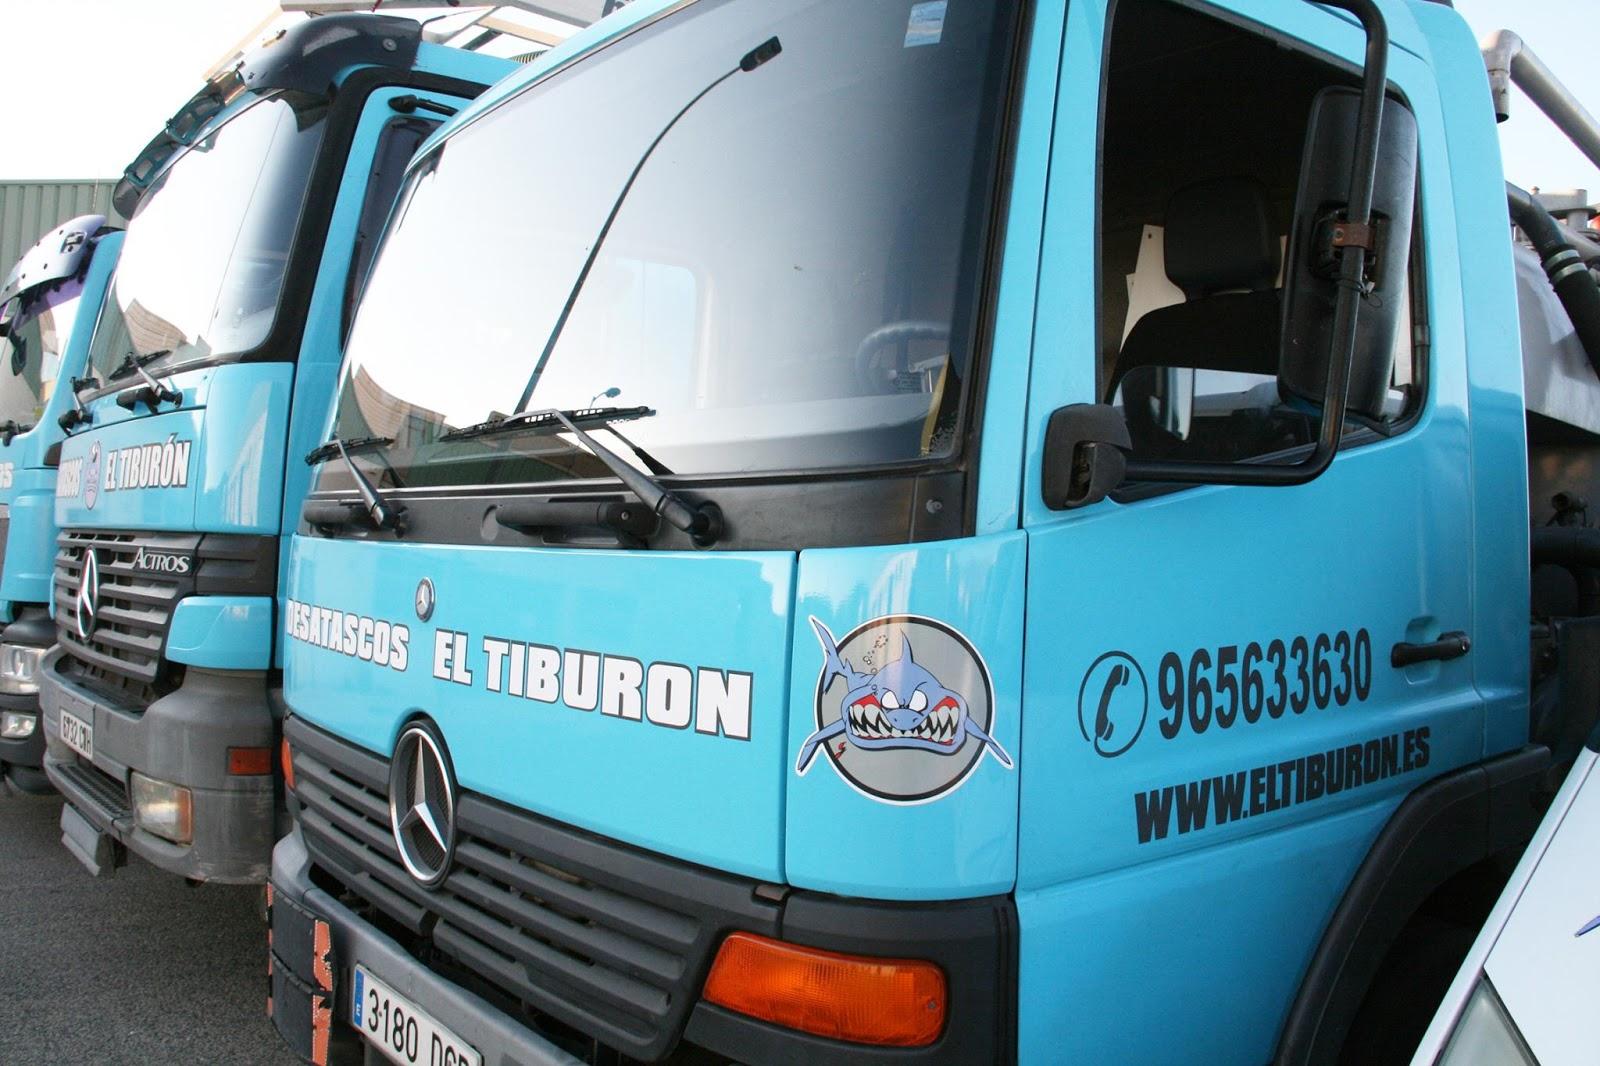 desatascos camión cuba Alicante